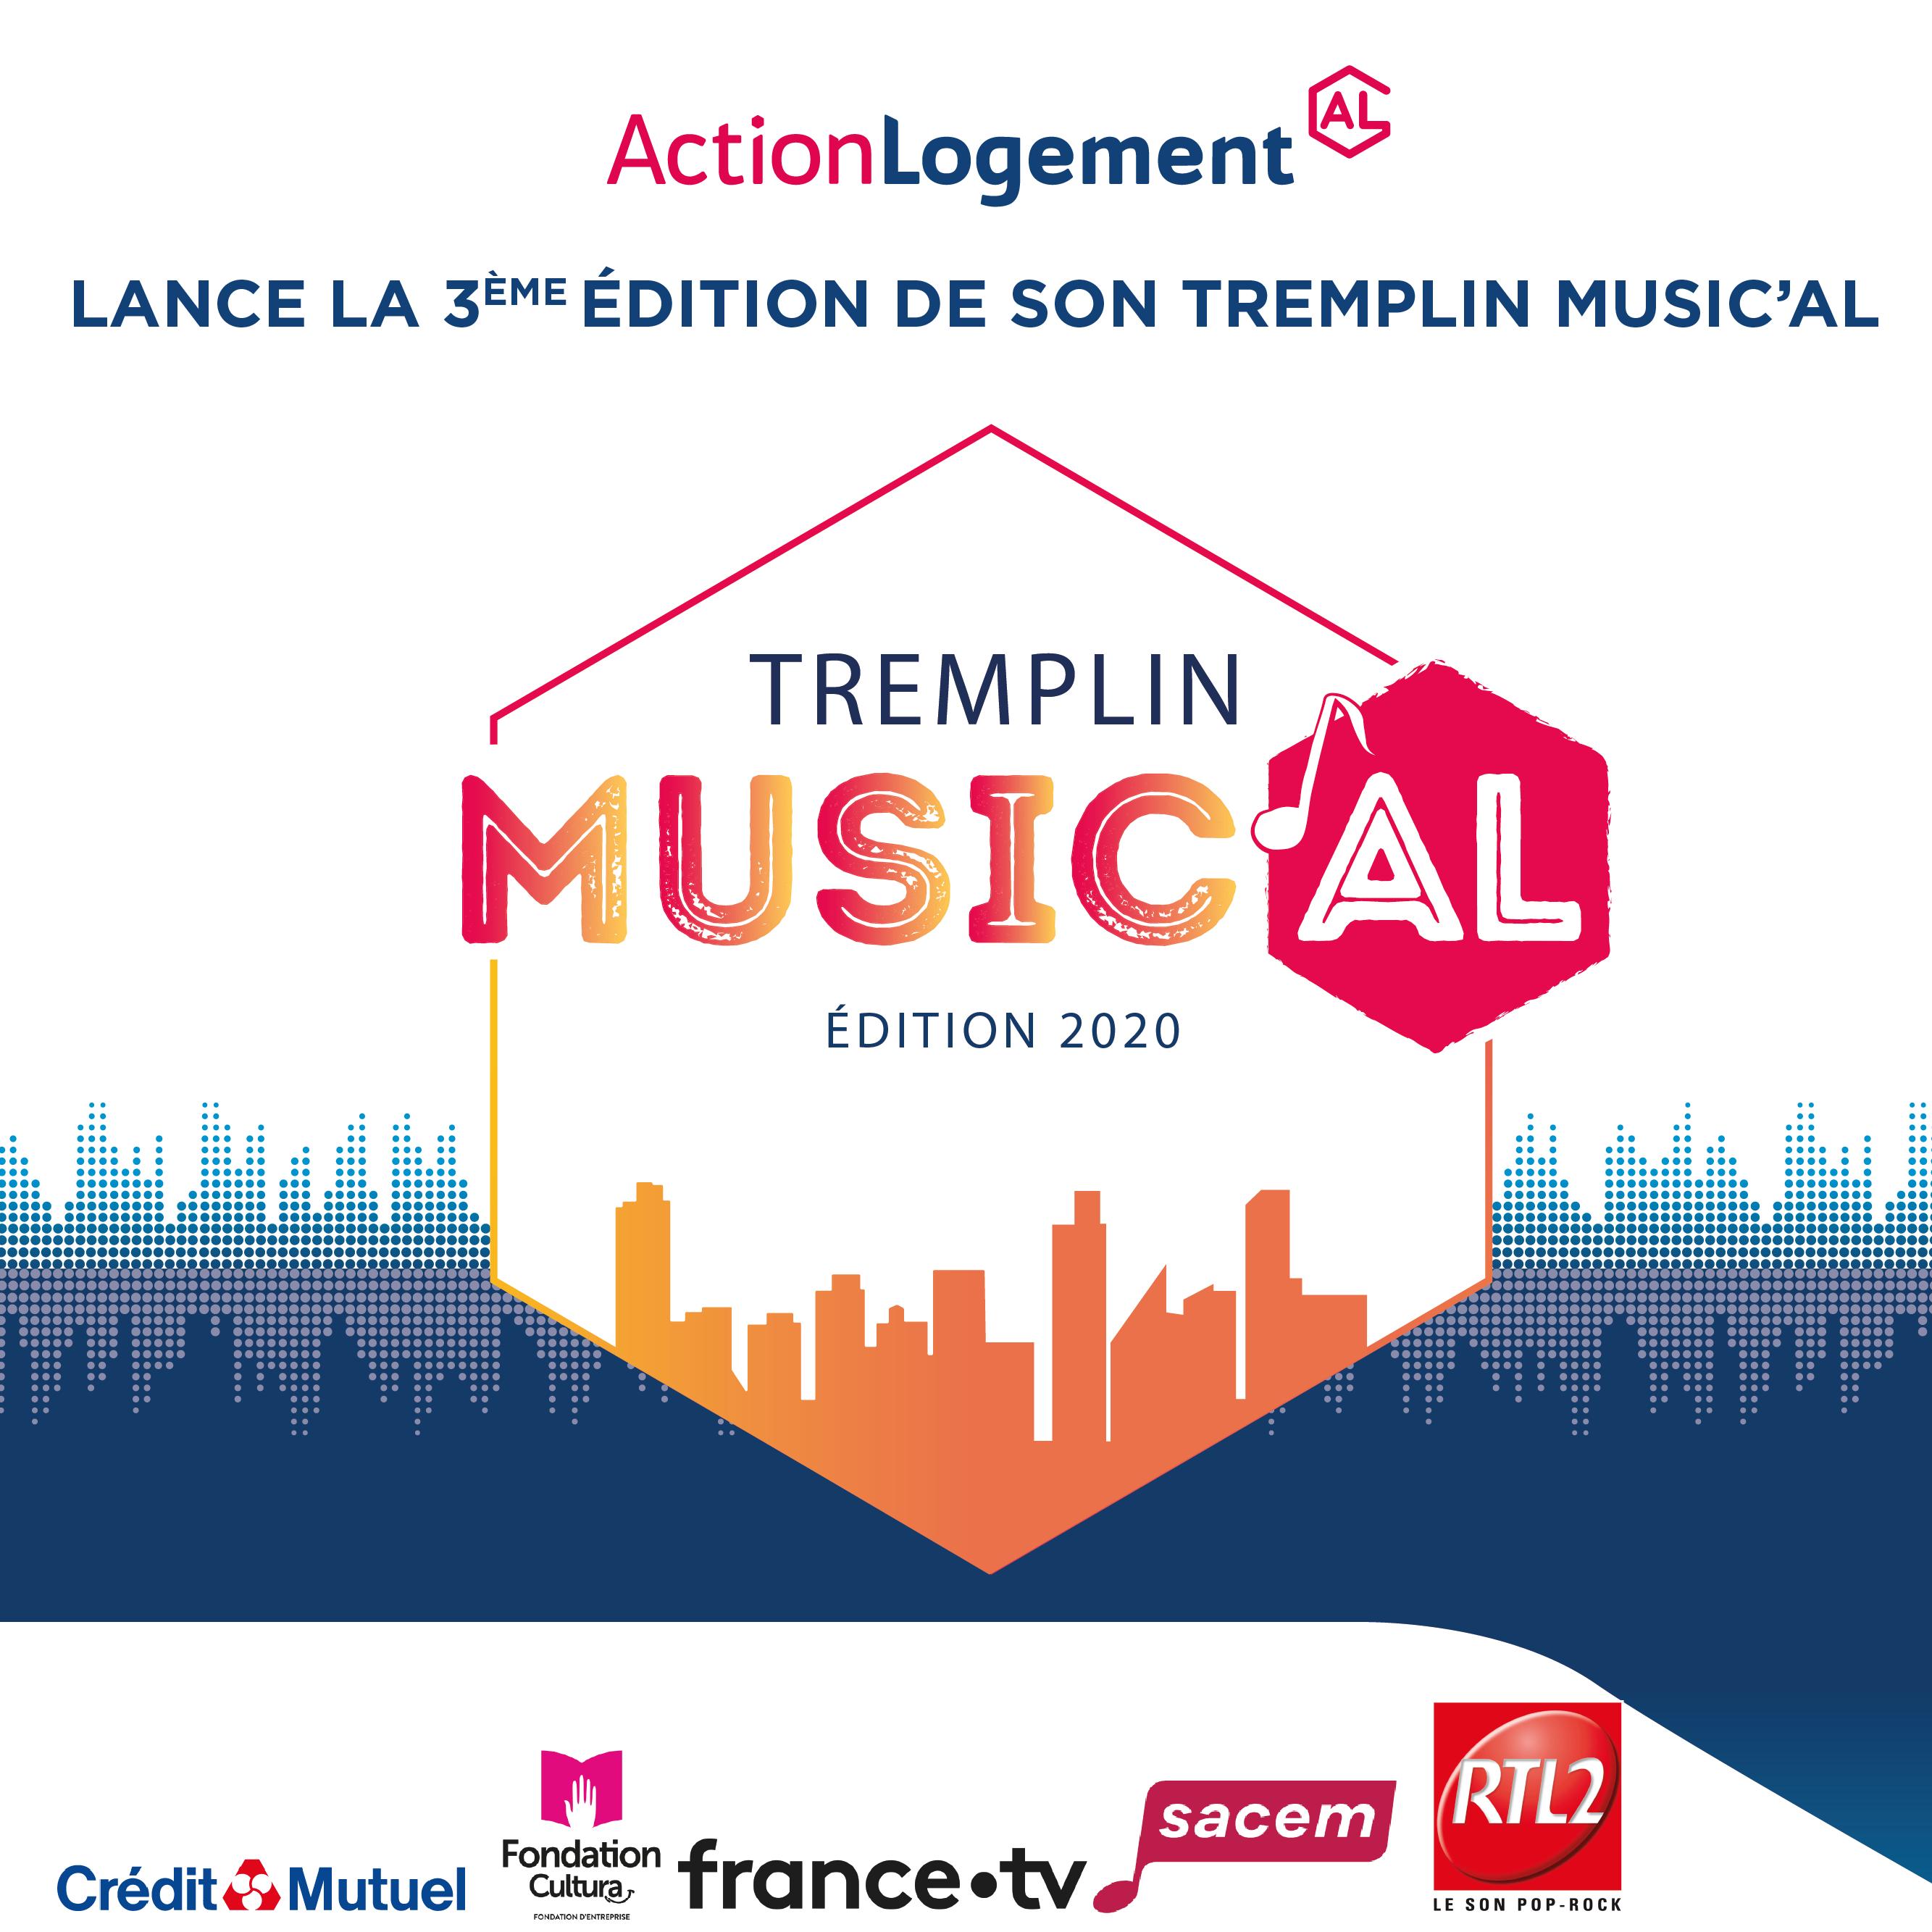 Affiche du Tremplin Music'AL d'Action Logement. Un concours musical solo ou en groupe.